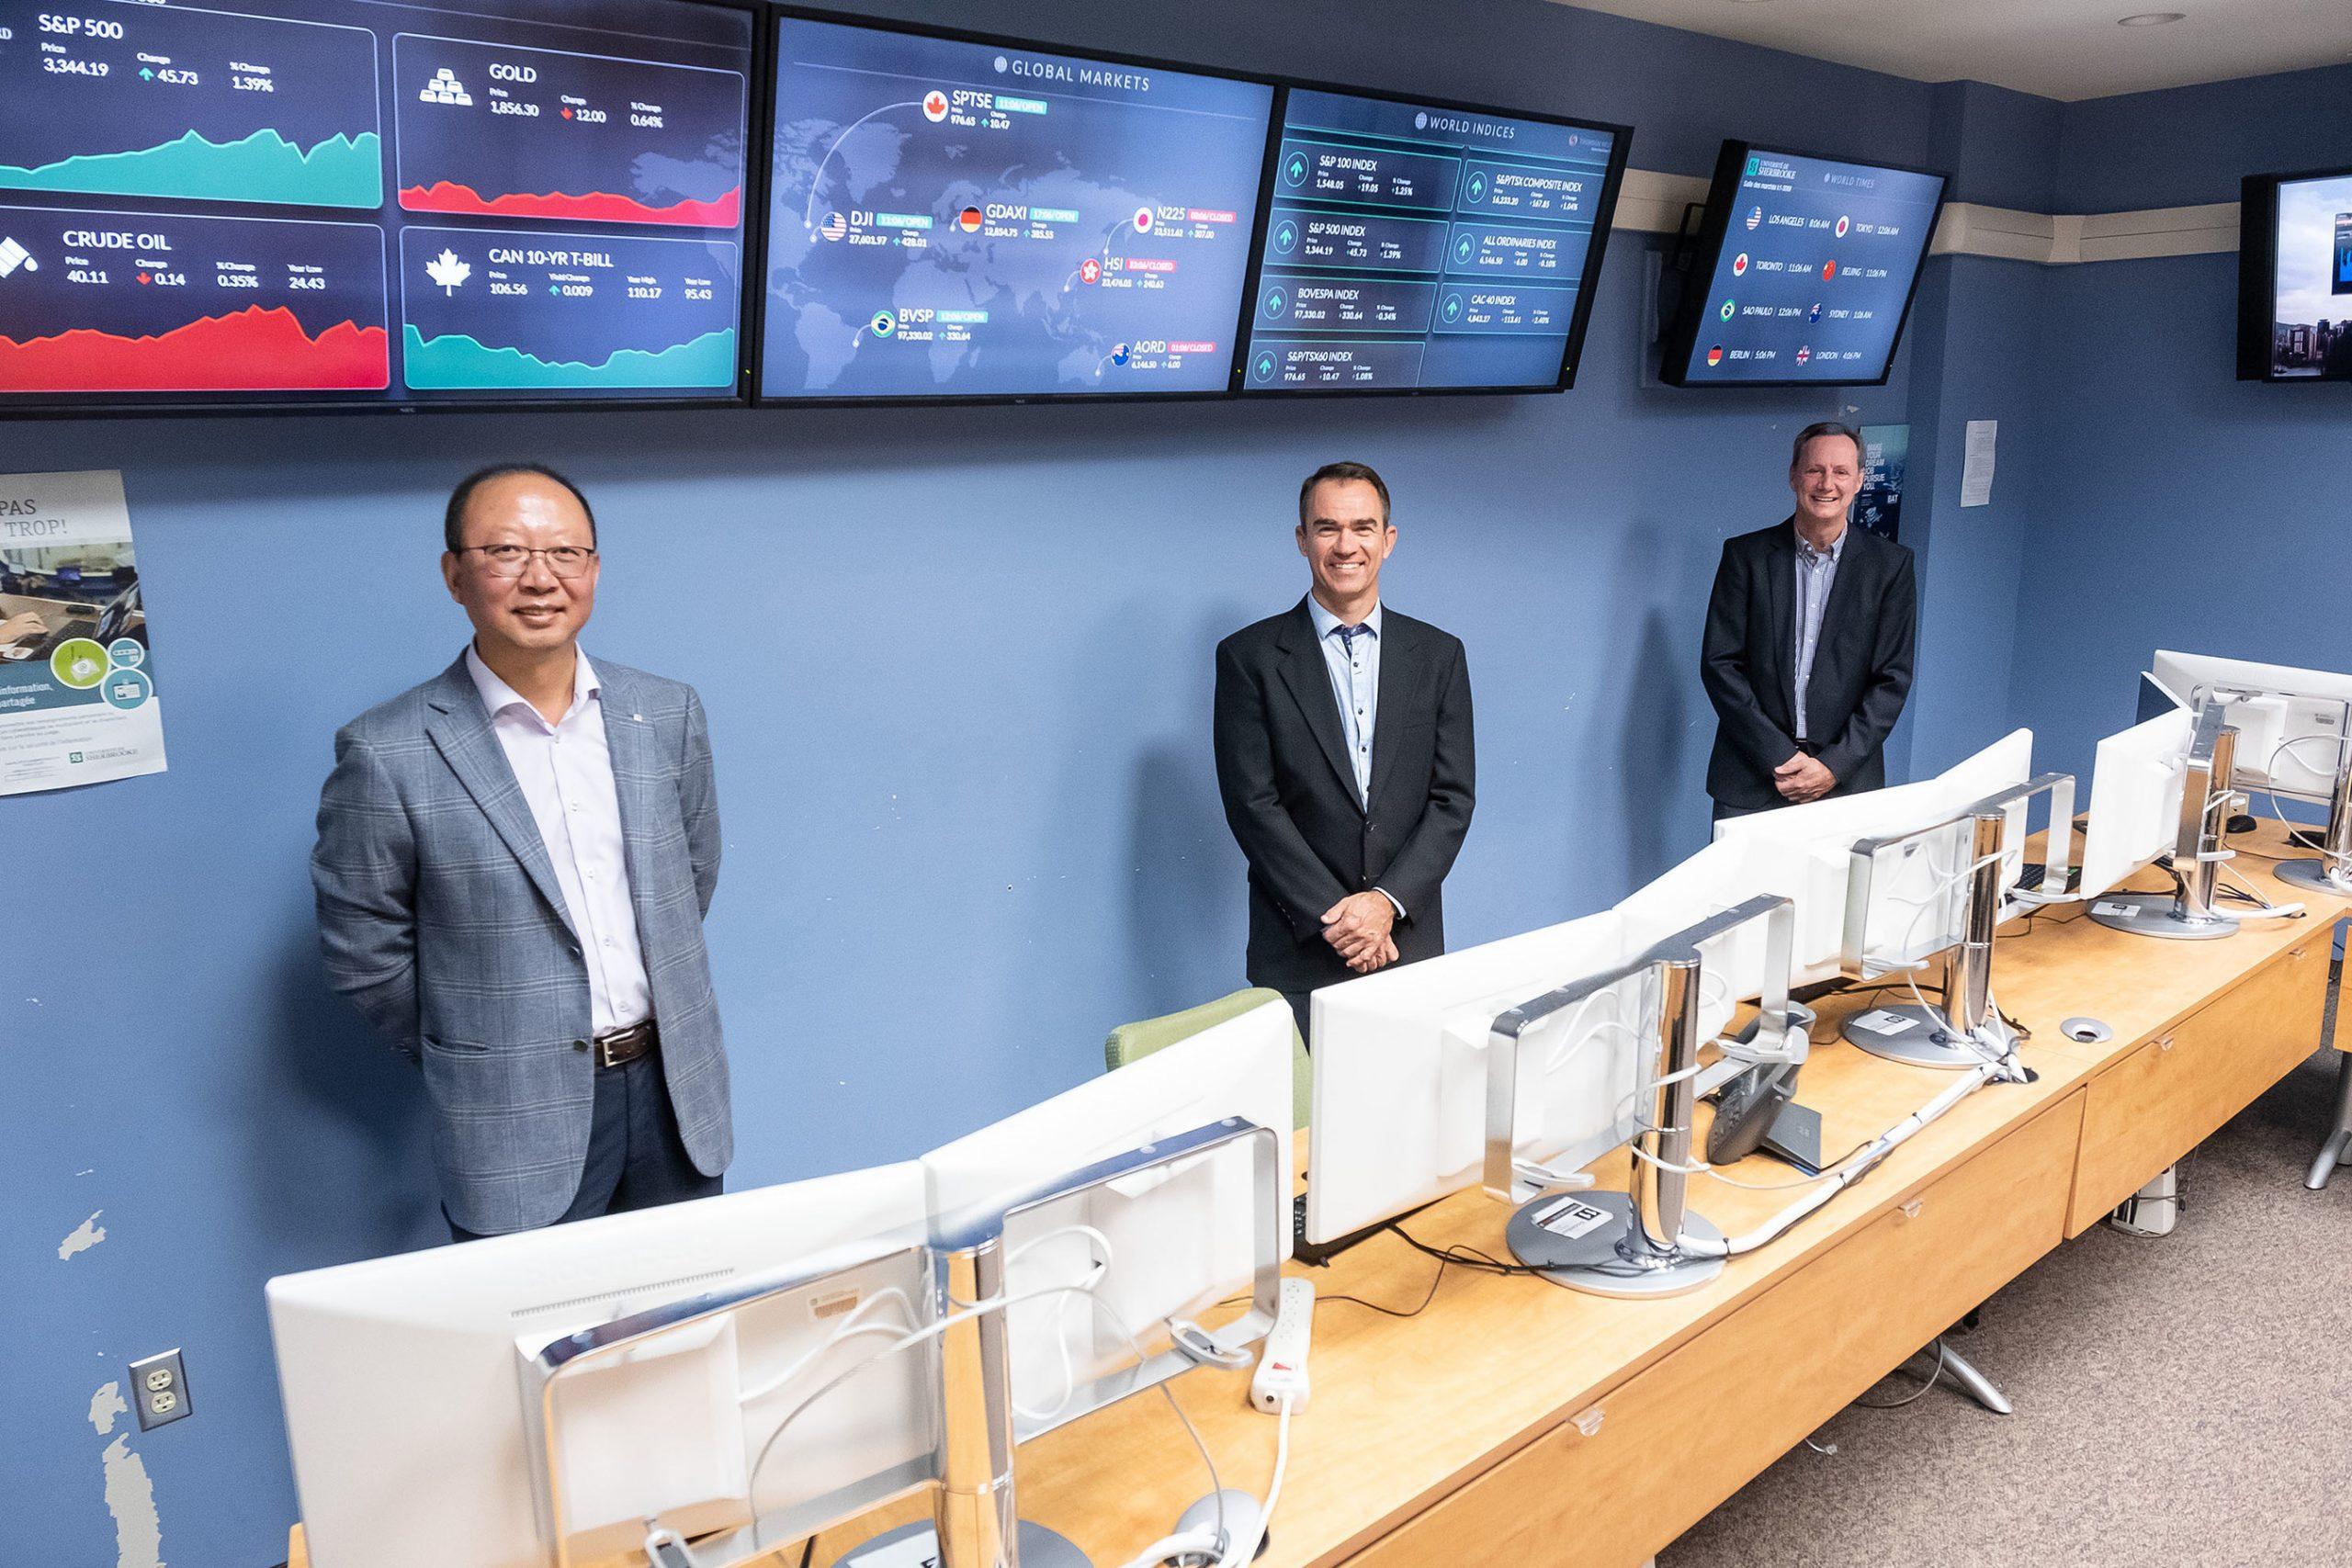 BV: Le Pr Shengrui Wang, du Département d'informatique de la Faculté des sciences de l'UdeS,Jean-Marc Patenaude, président de Laplace Insights, et le Pr Guy Bellemare, du Département definance de l'École de gestion de l'UdeS. Photo : Michel Caron – Université de Sherbrooke